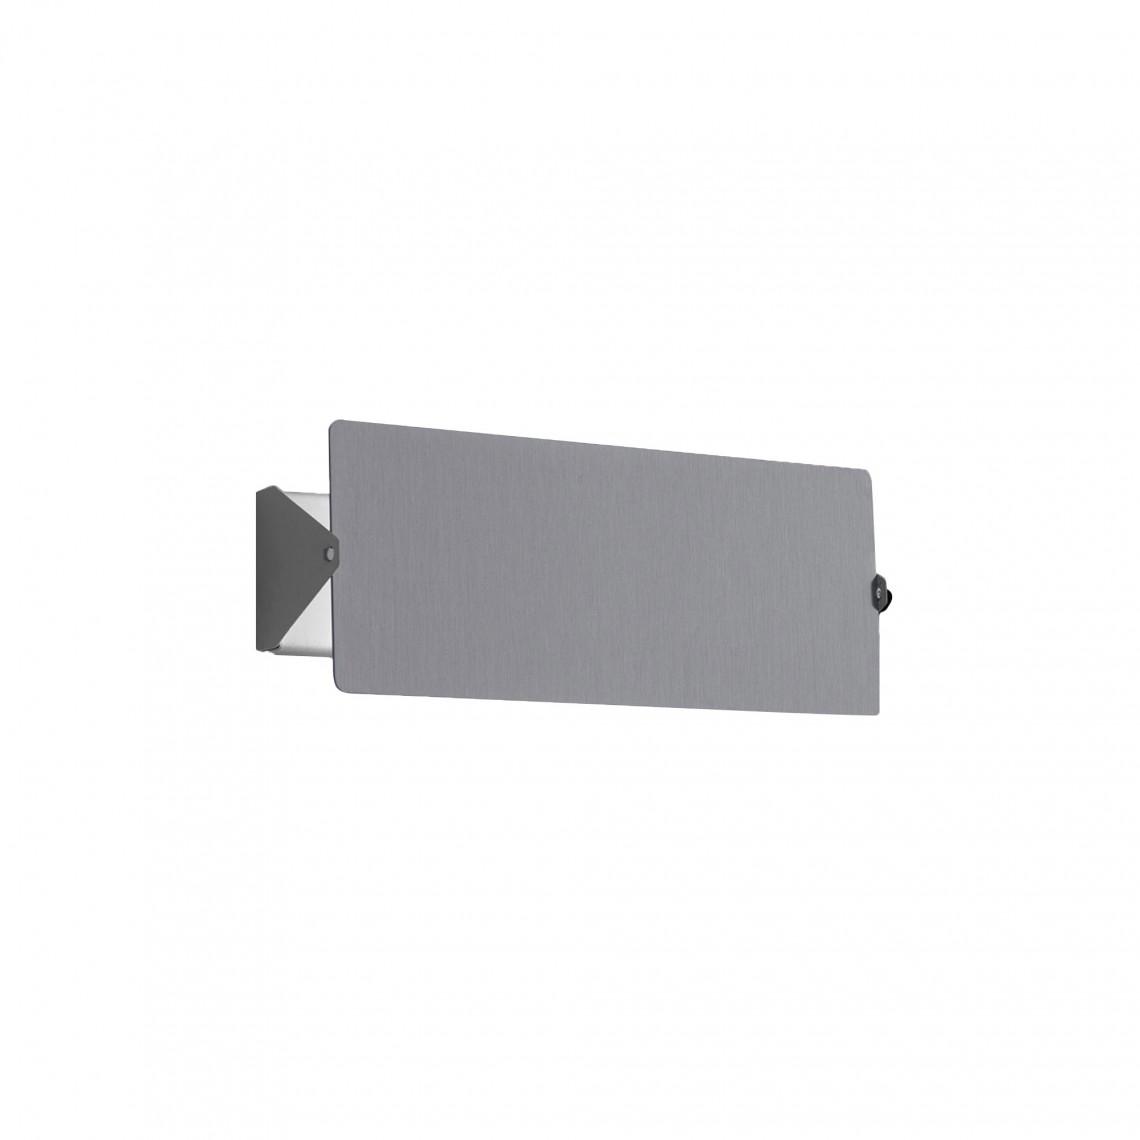 Applique À Volet Pivotant Double Aluminium